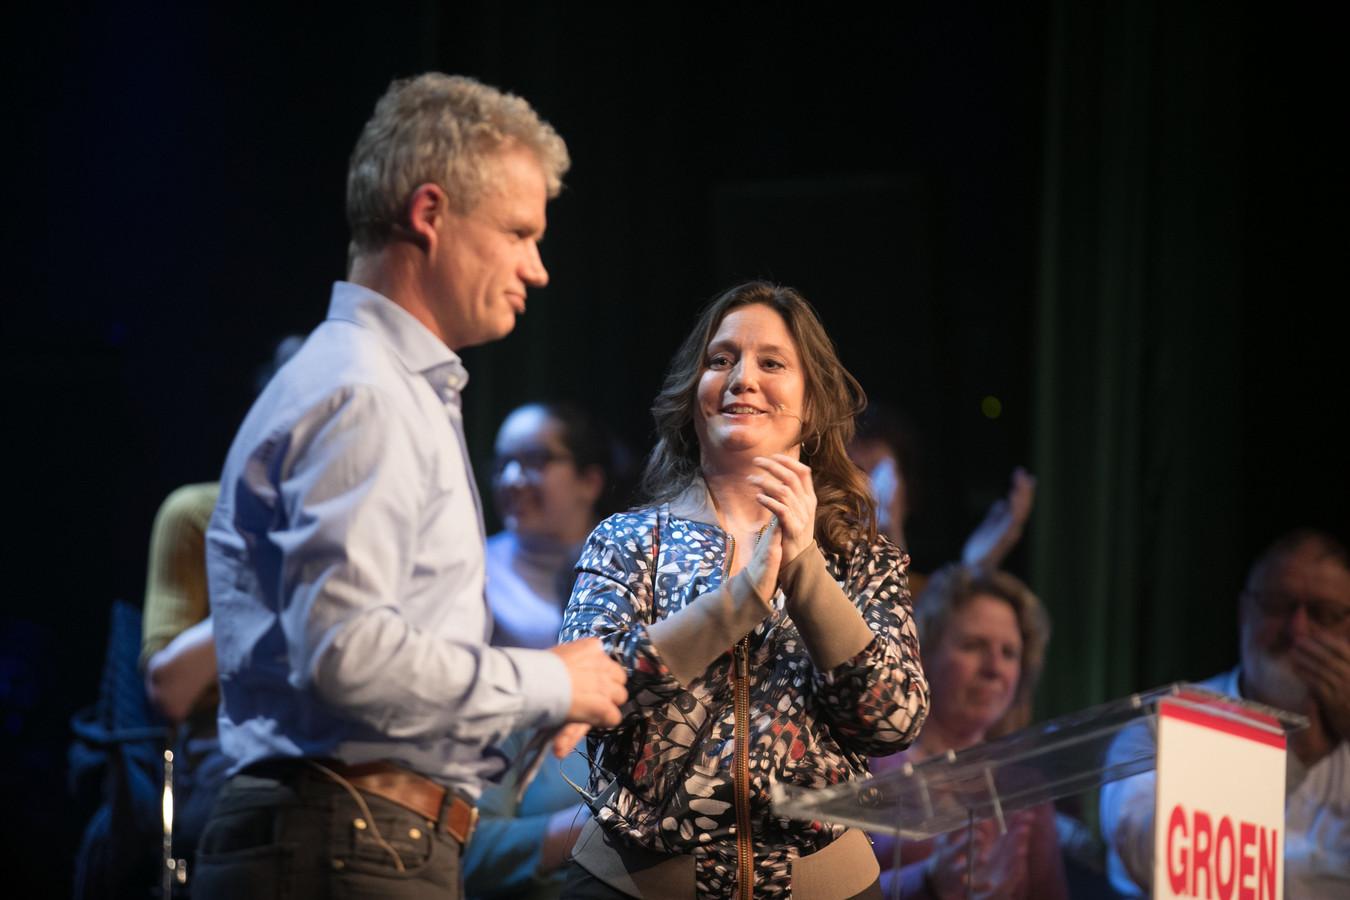 Leon Adegeest wordt tijdens de 'meetup' van GroenLinks in poptempel Hedon in Zwolle met applaus onthaald. Naast hem GroenLinks-Kamerlid Suzanne Kröger.